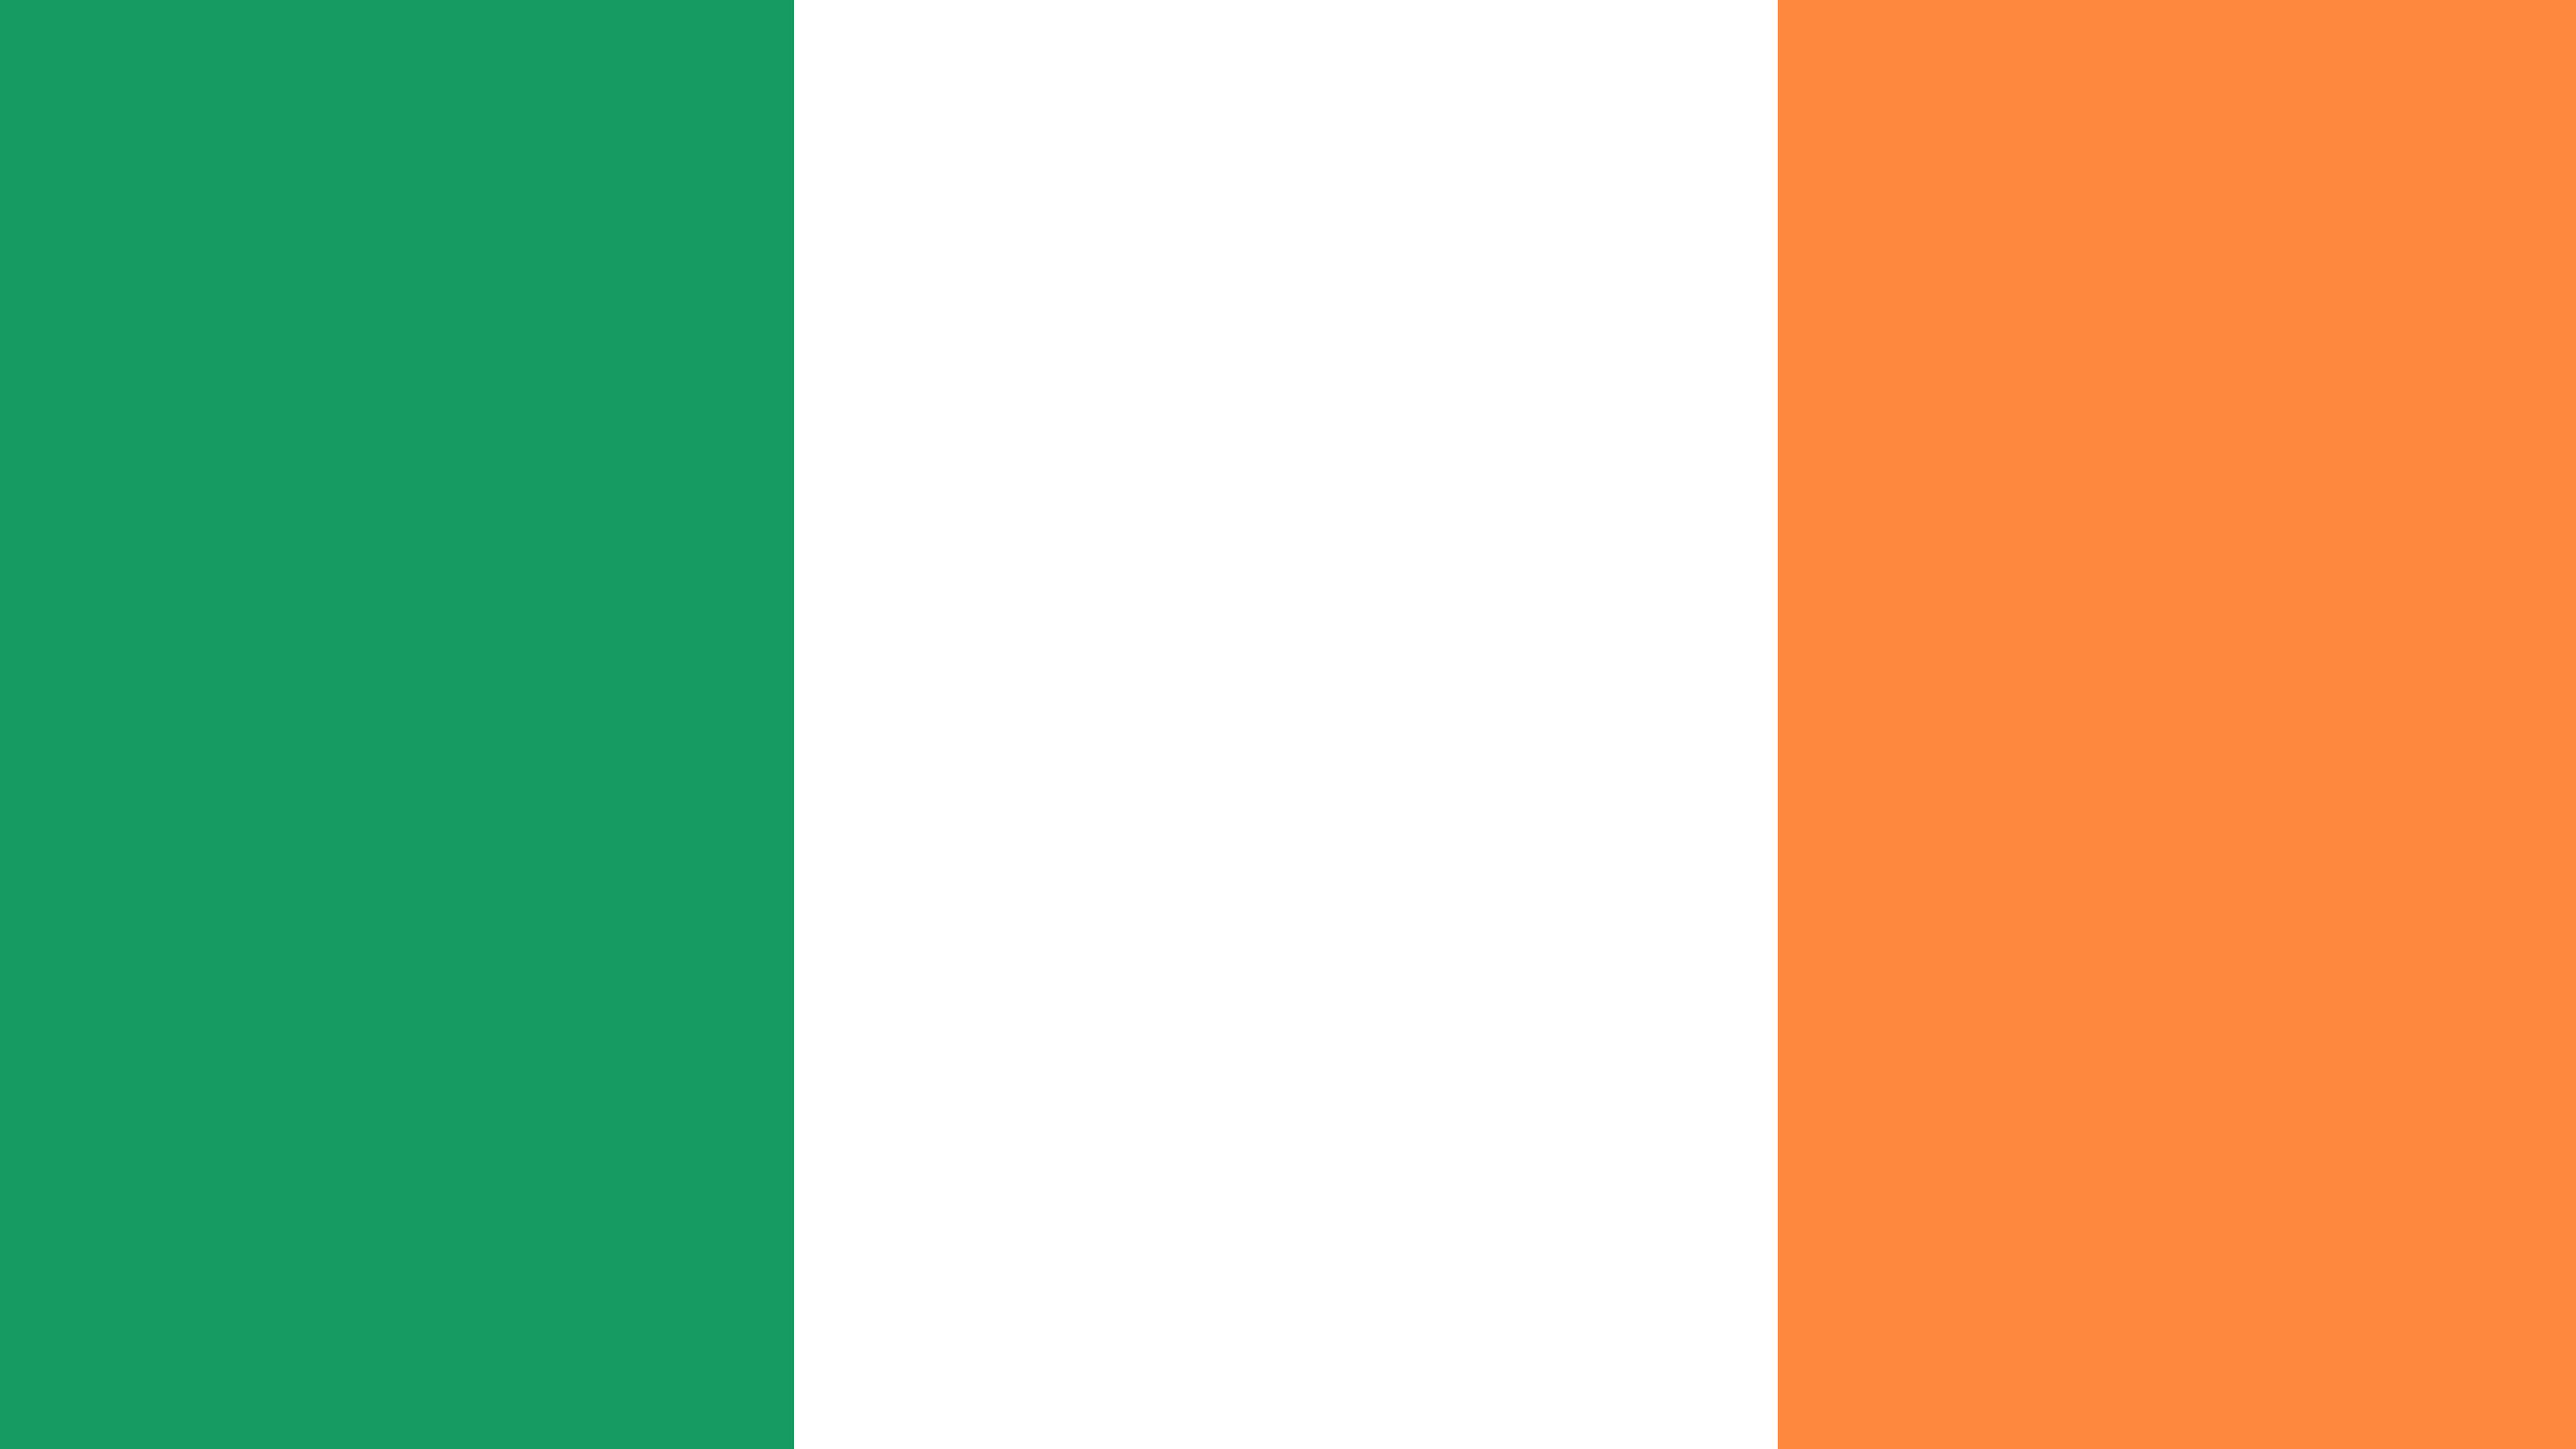 ireland flag uhd 4k wallpaper